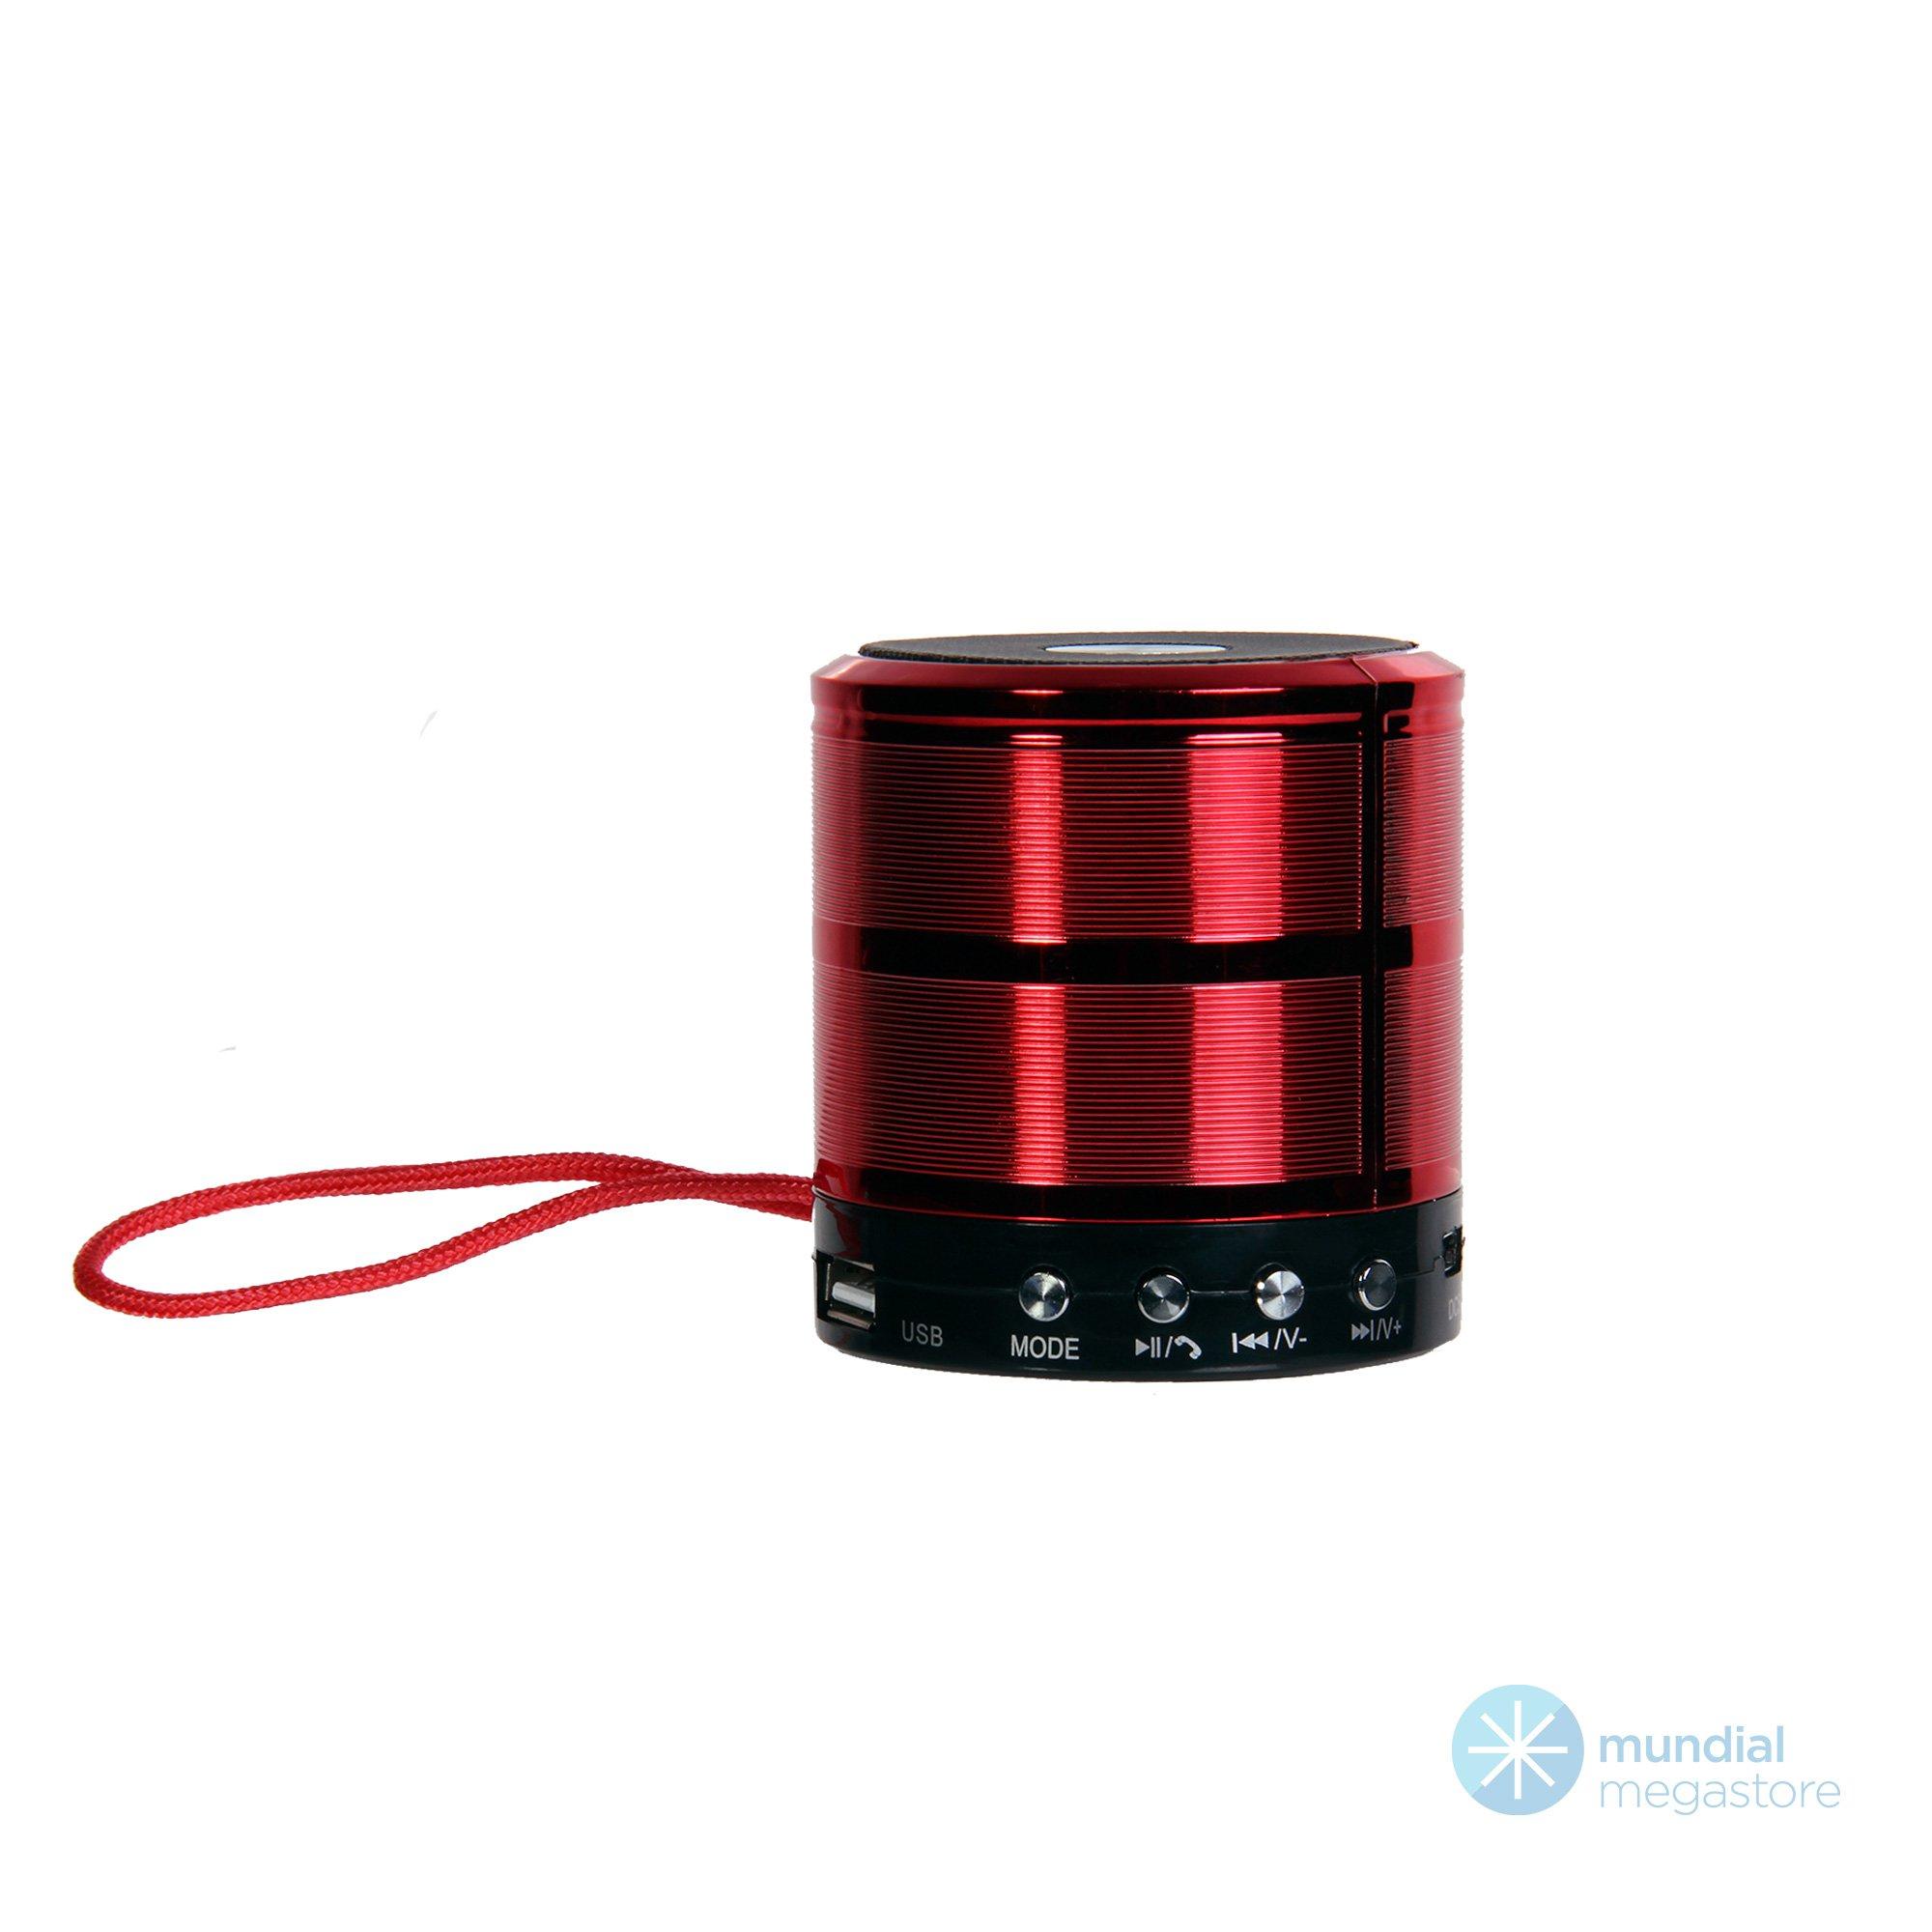 caixa de som bluetooth mini ws 887 vermelha 36502 2000 196069